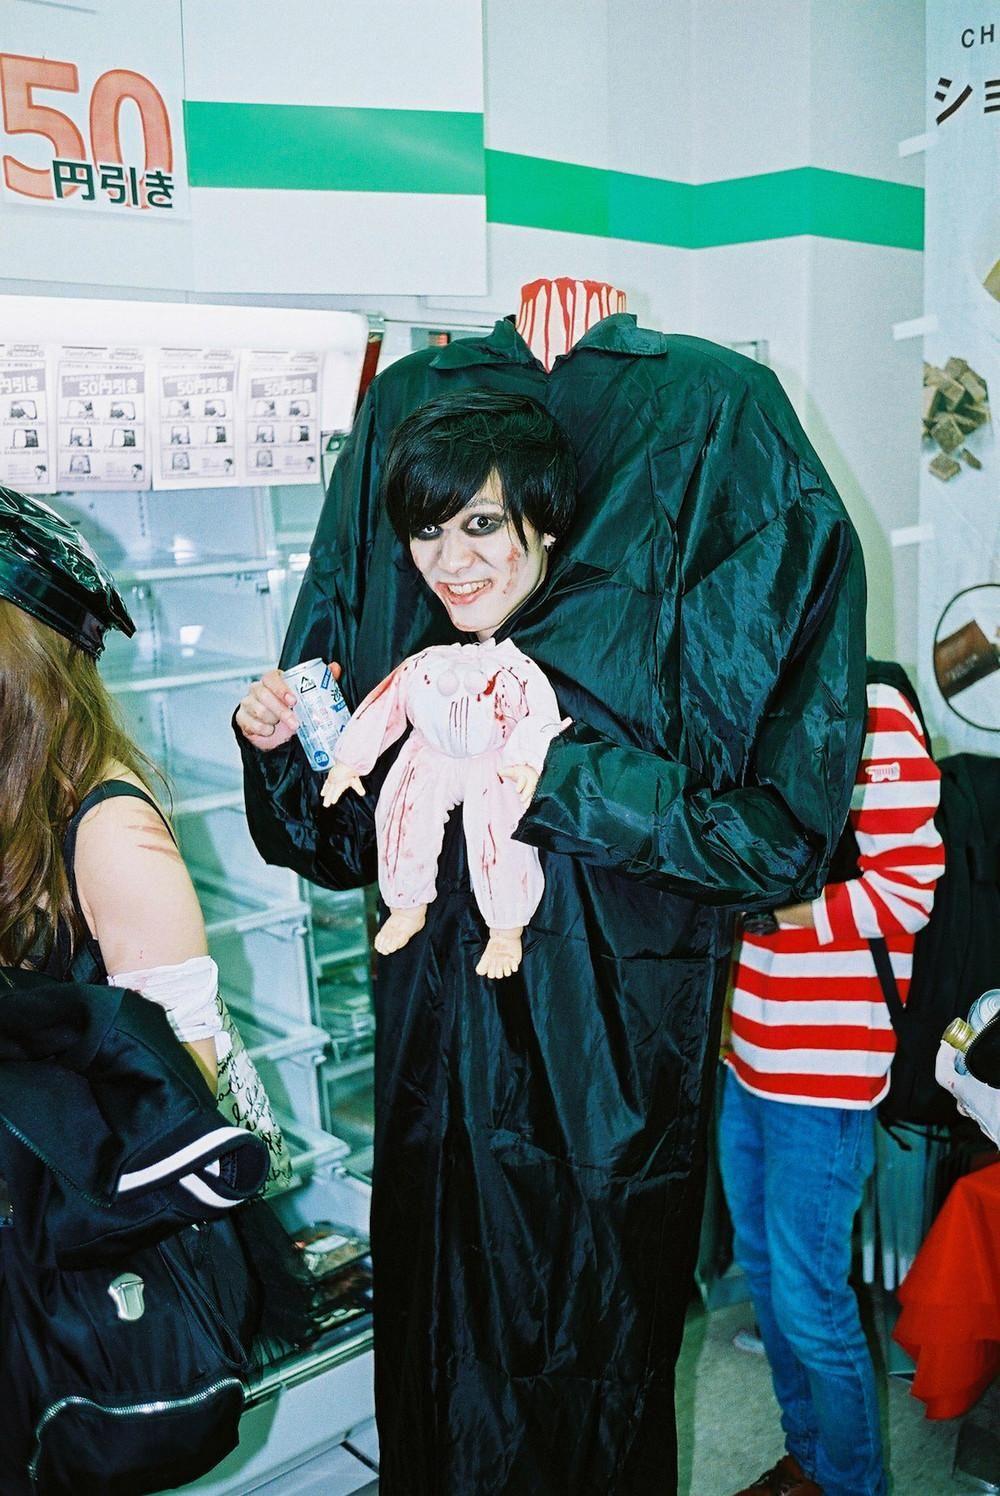 Selfie-sticks et bébés décapités : un Halloween à Tokyo | VICE | France